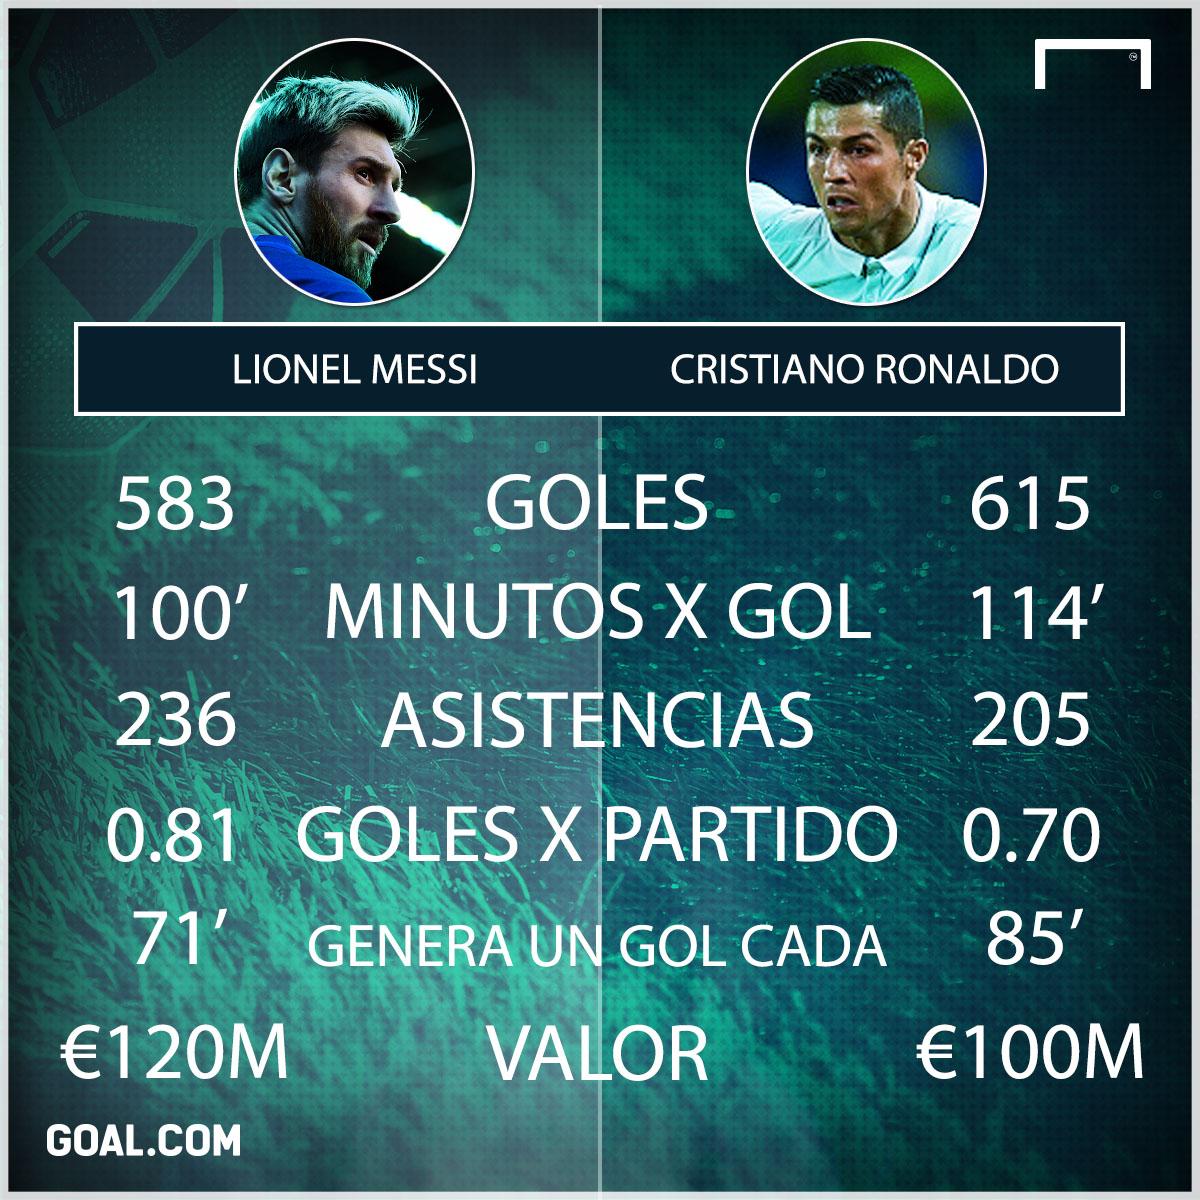 CR7 vs. Messi 1